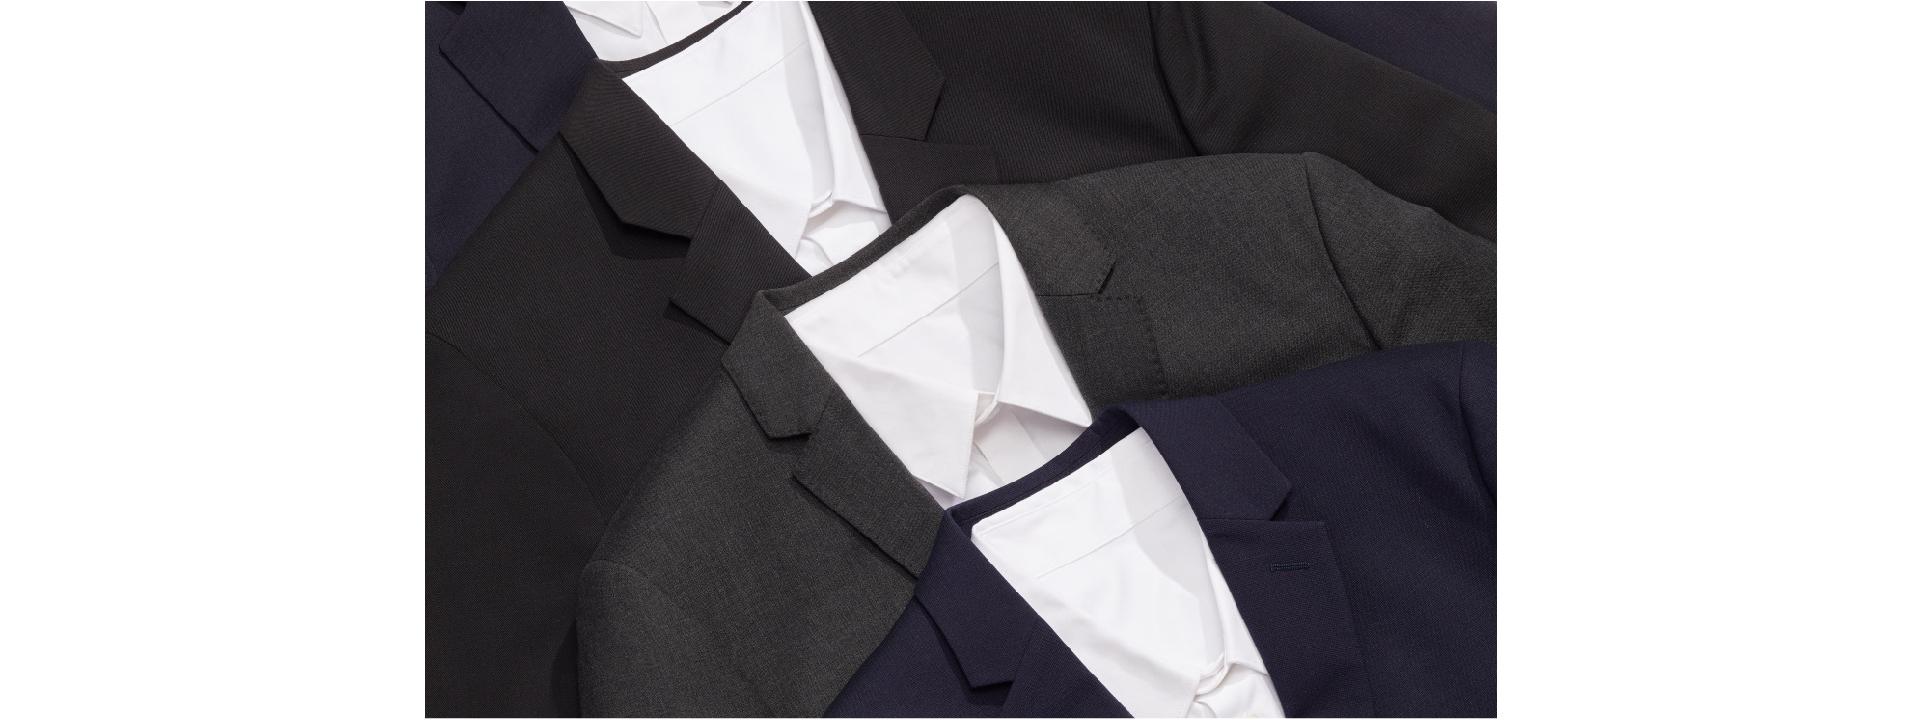 b047b5f0 Vi reder ut de vanligaste frågorna kring klädkoder och ger tips på hur du  följer (eller bryter) klädkod mörk kostym.